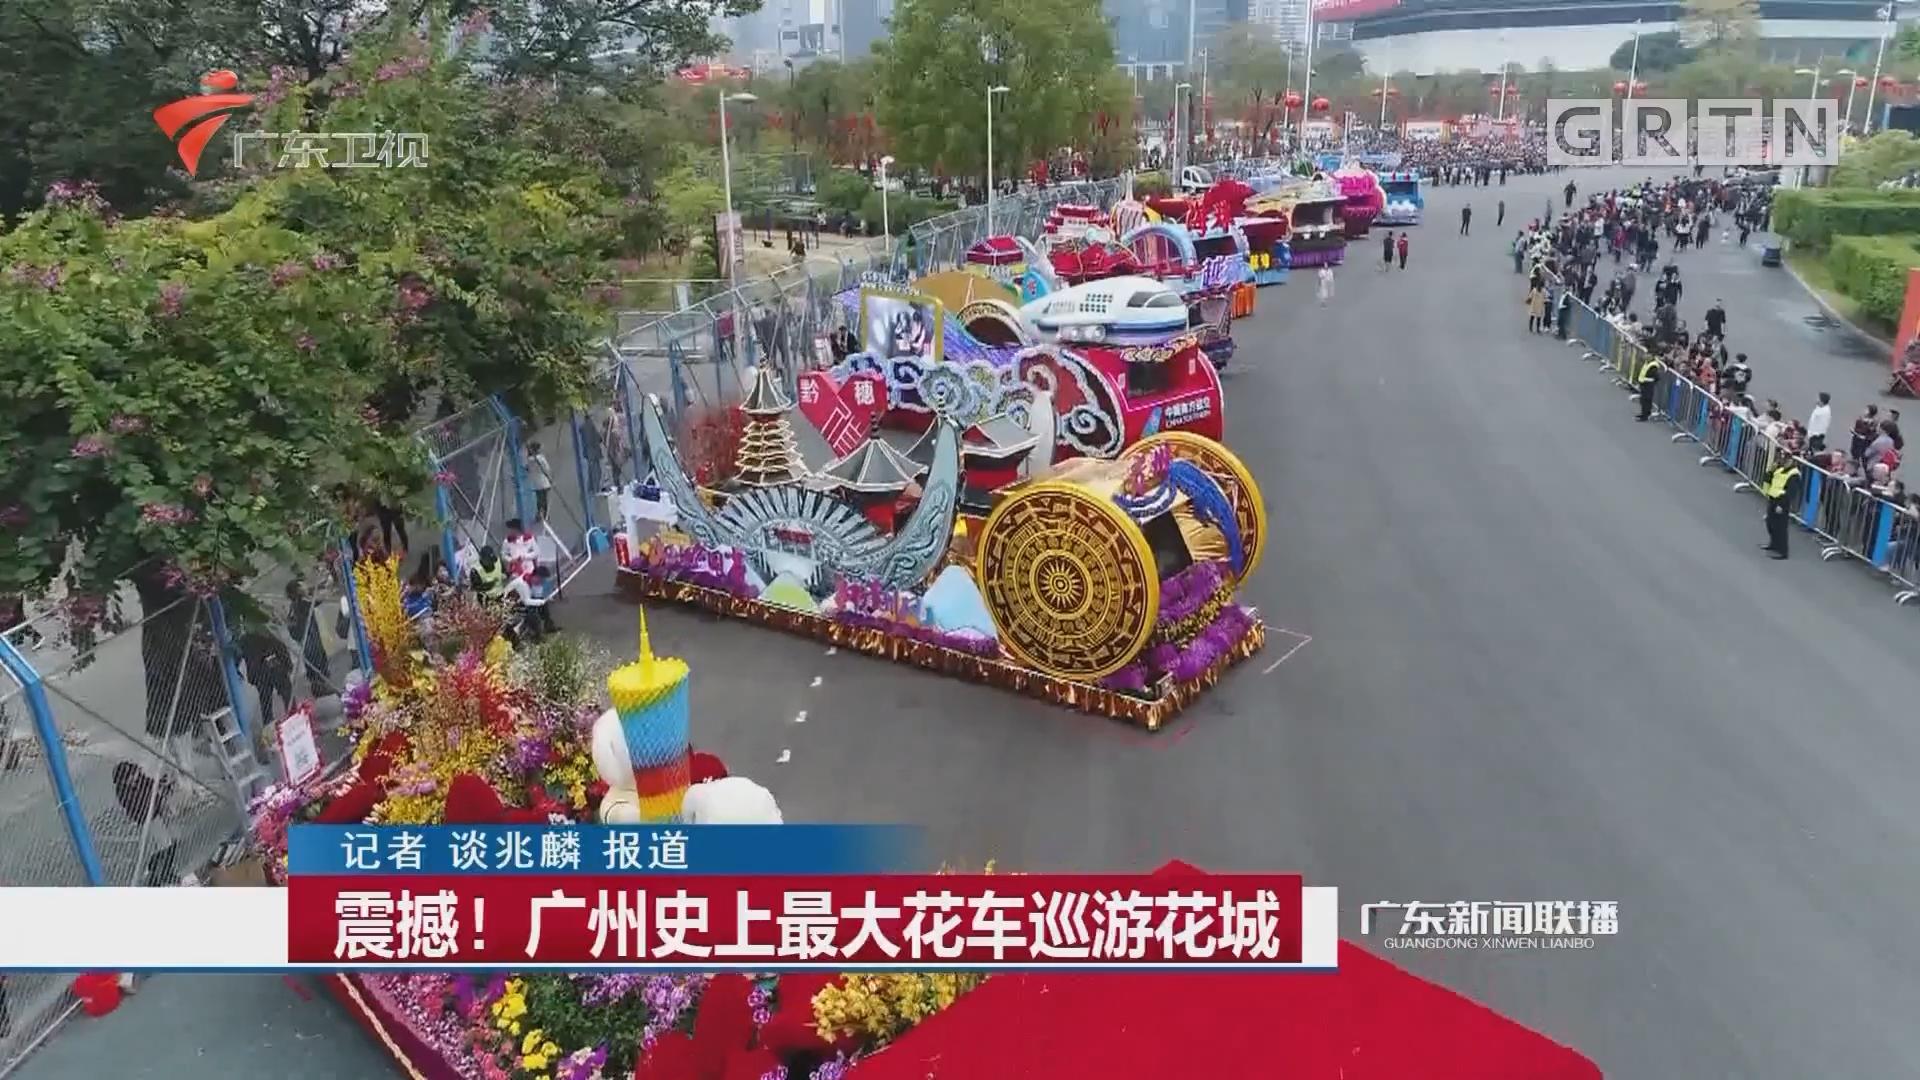 震撼!广州史上最大花车巡游花城